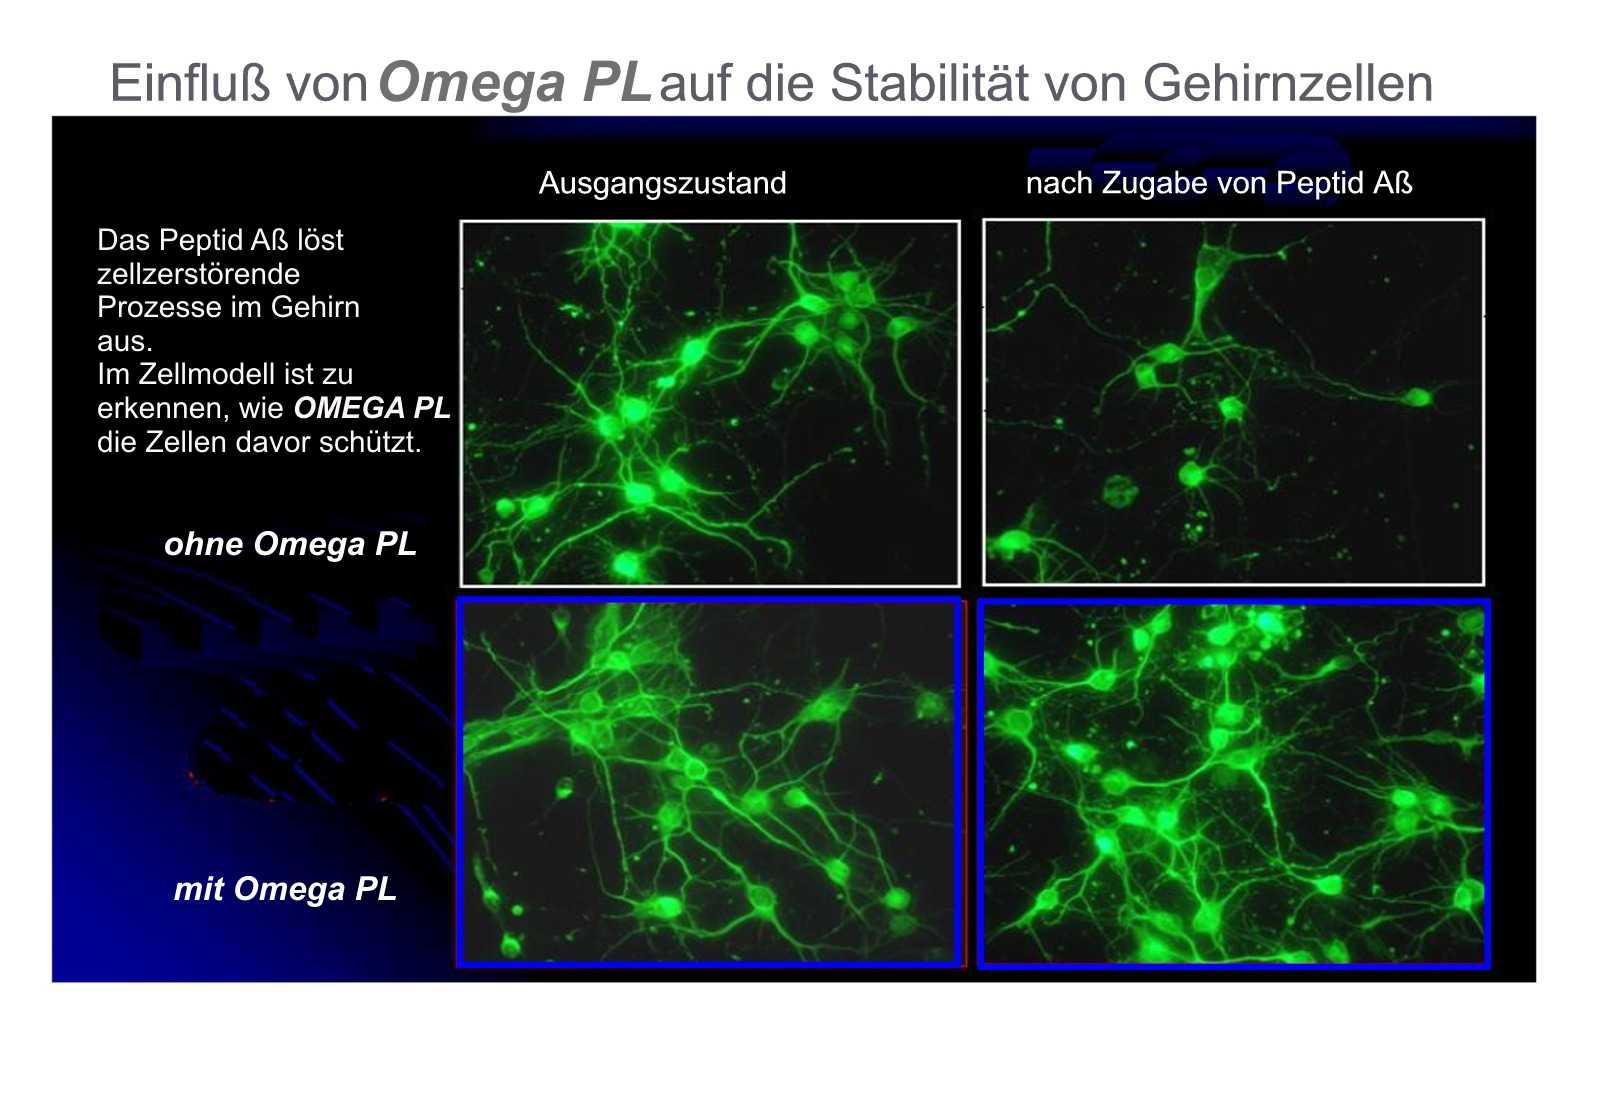 Schutz vor Zellveränderungen durch OMEGA PL